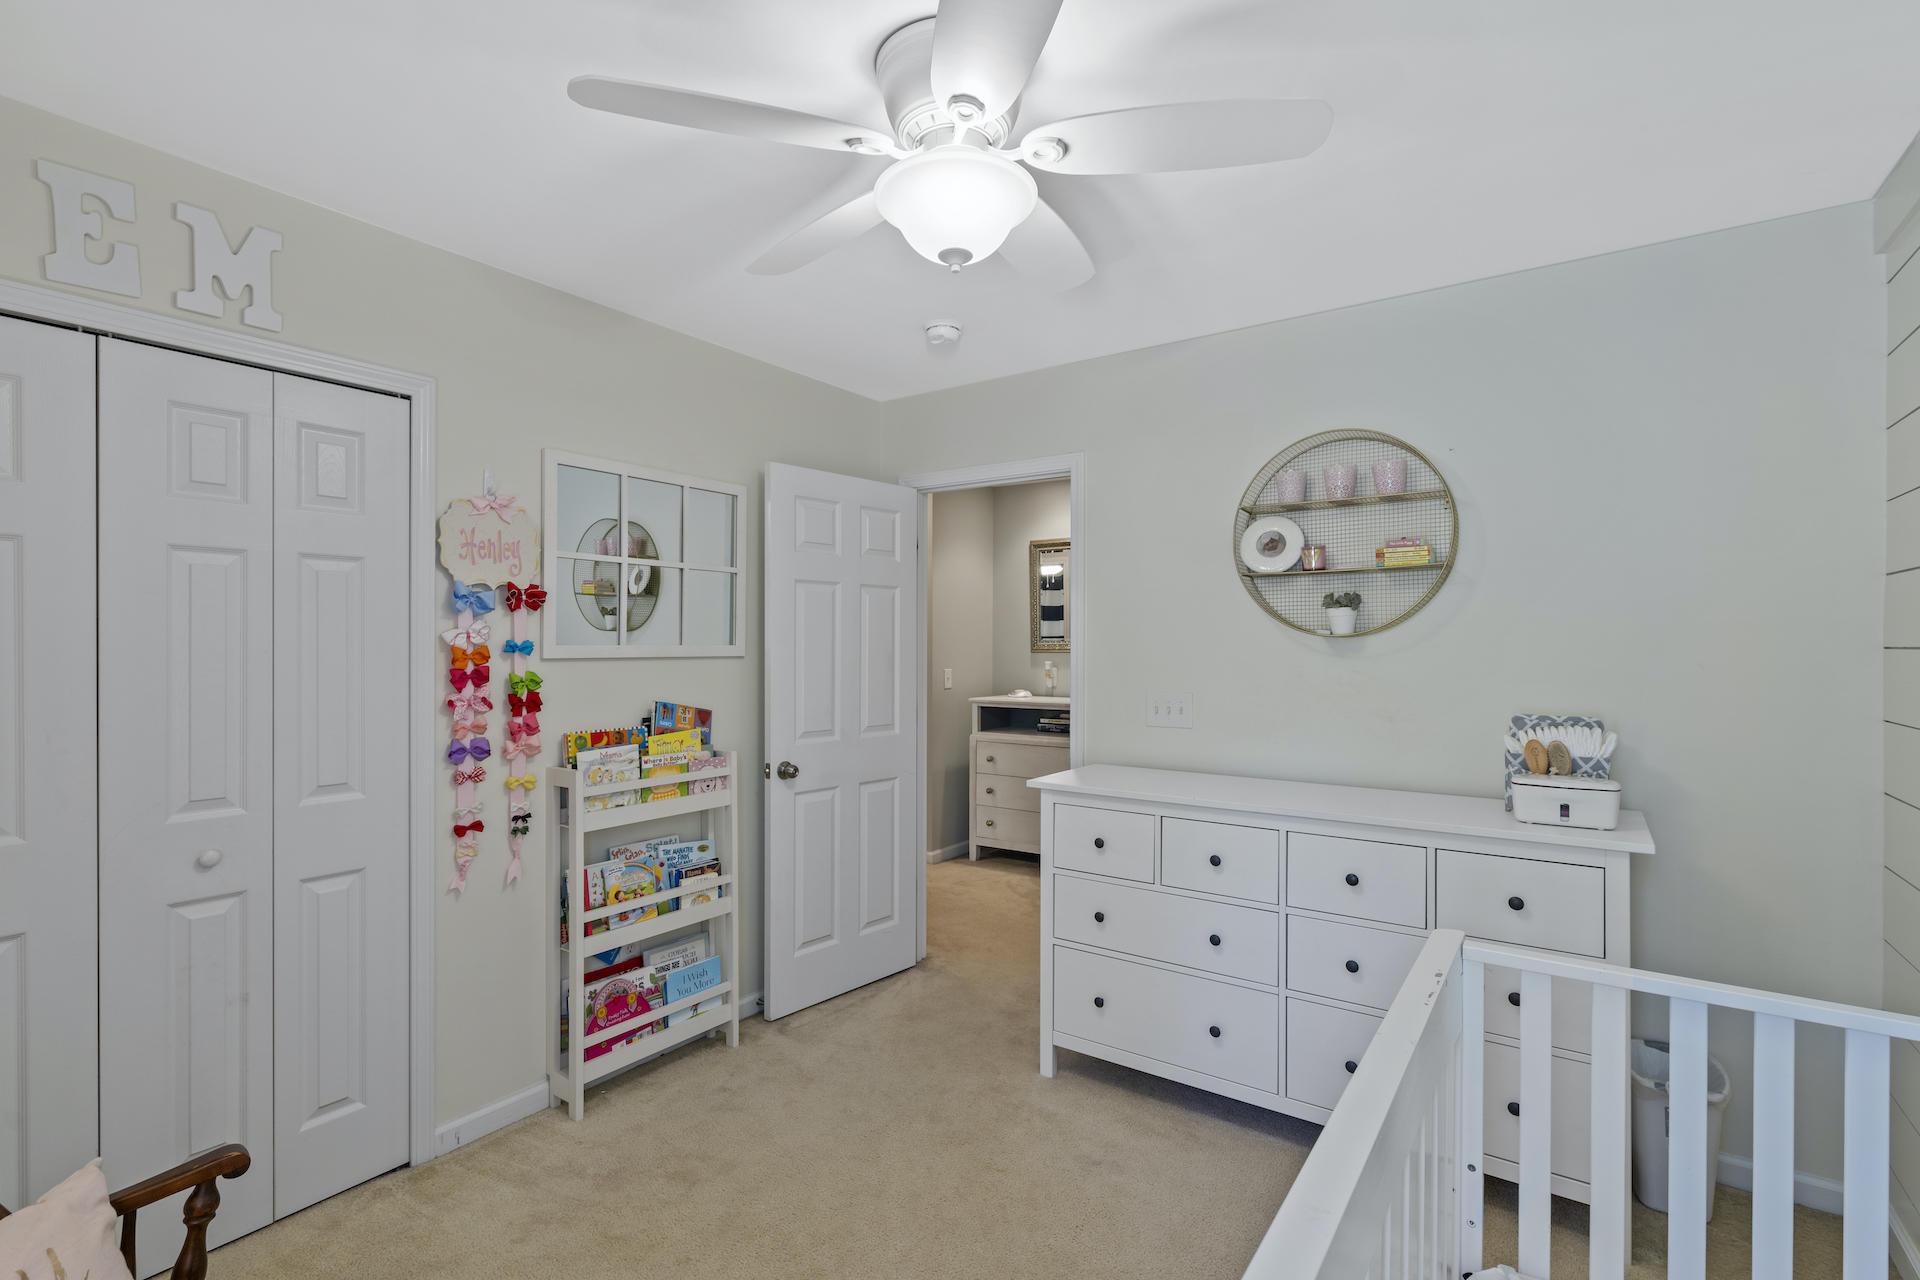 Park West Homes For Sale - 3061 Park West, Mount Pleasant, SC - 3